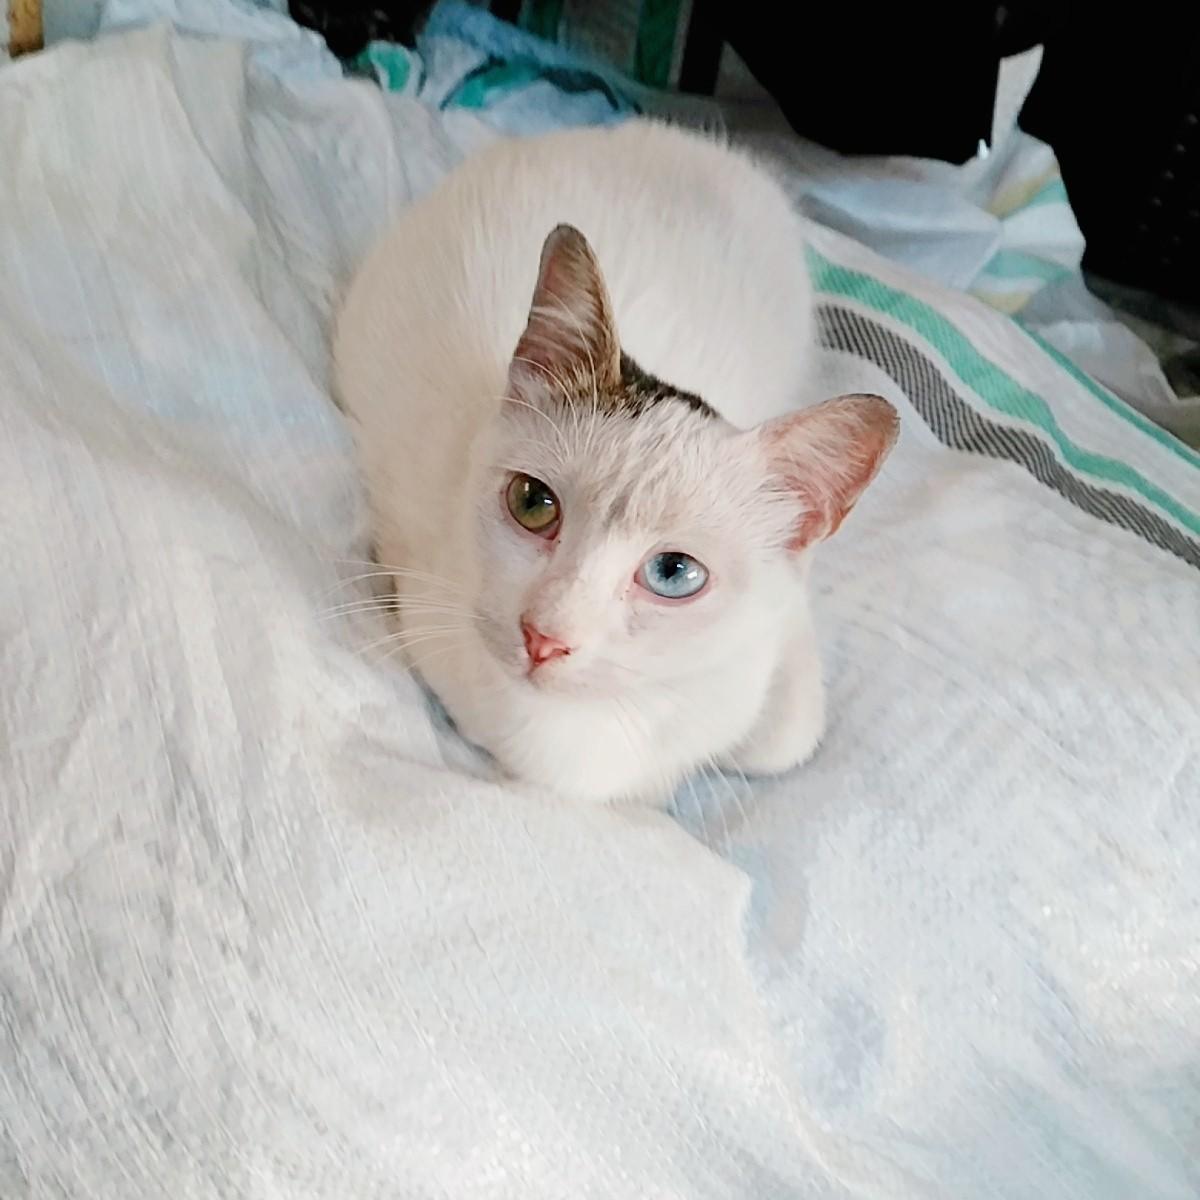 bu van kedisinin adı ne olsun? :)